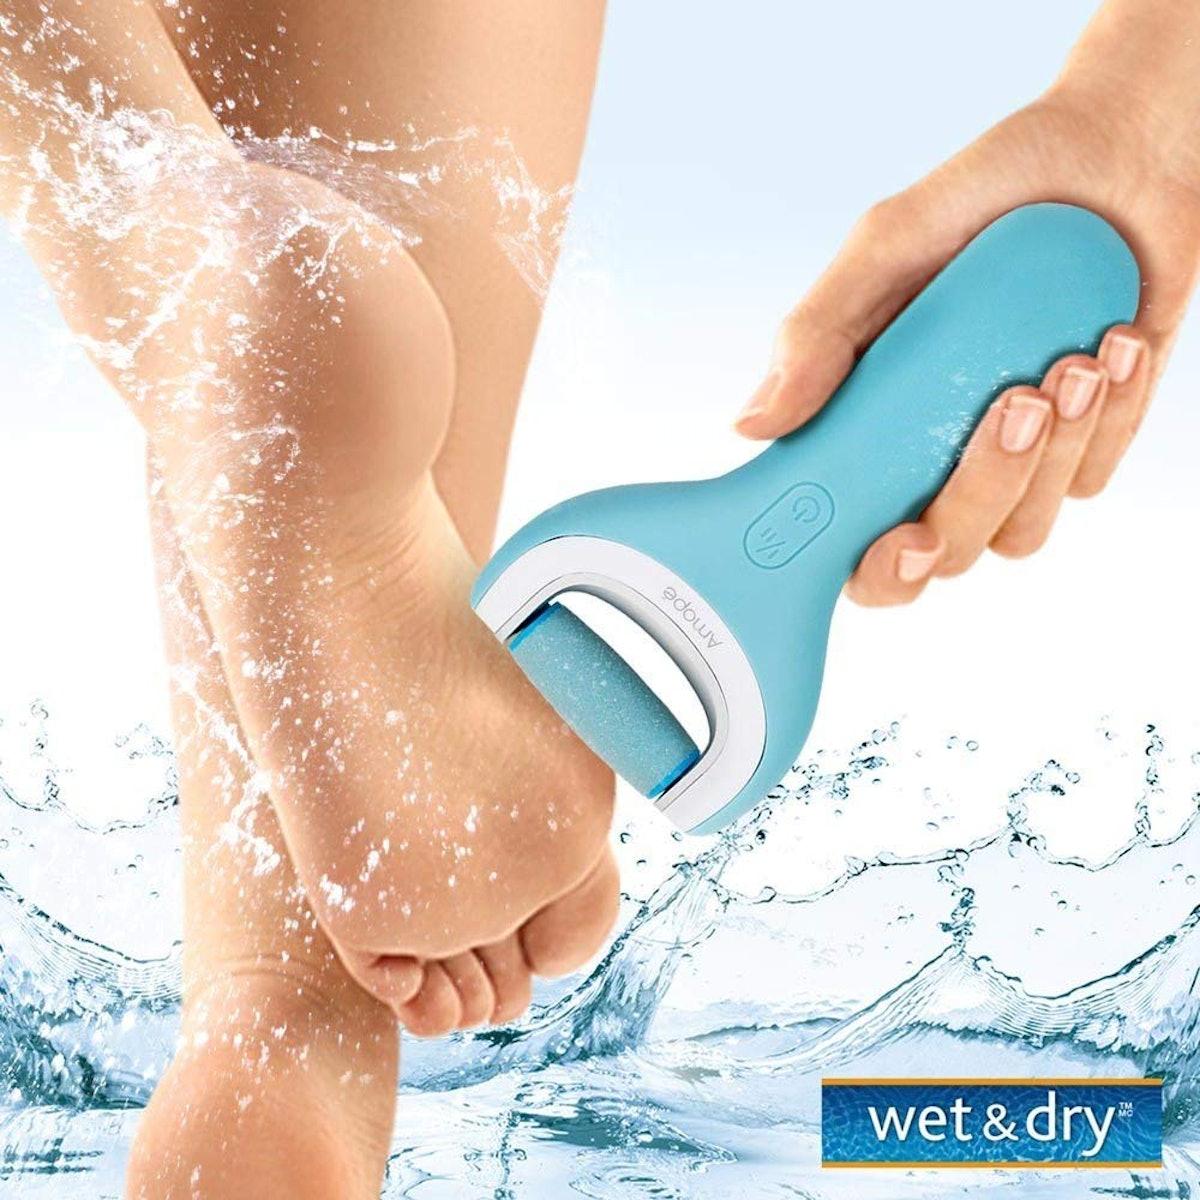 Amope Pedi Perfect Wet & Dry Foot File